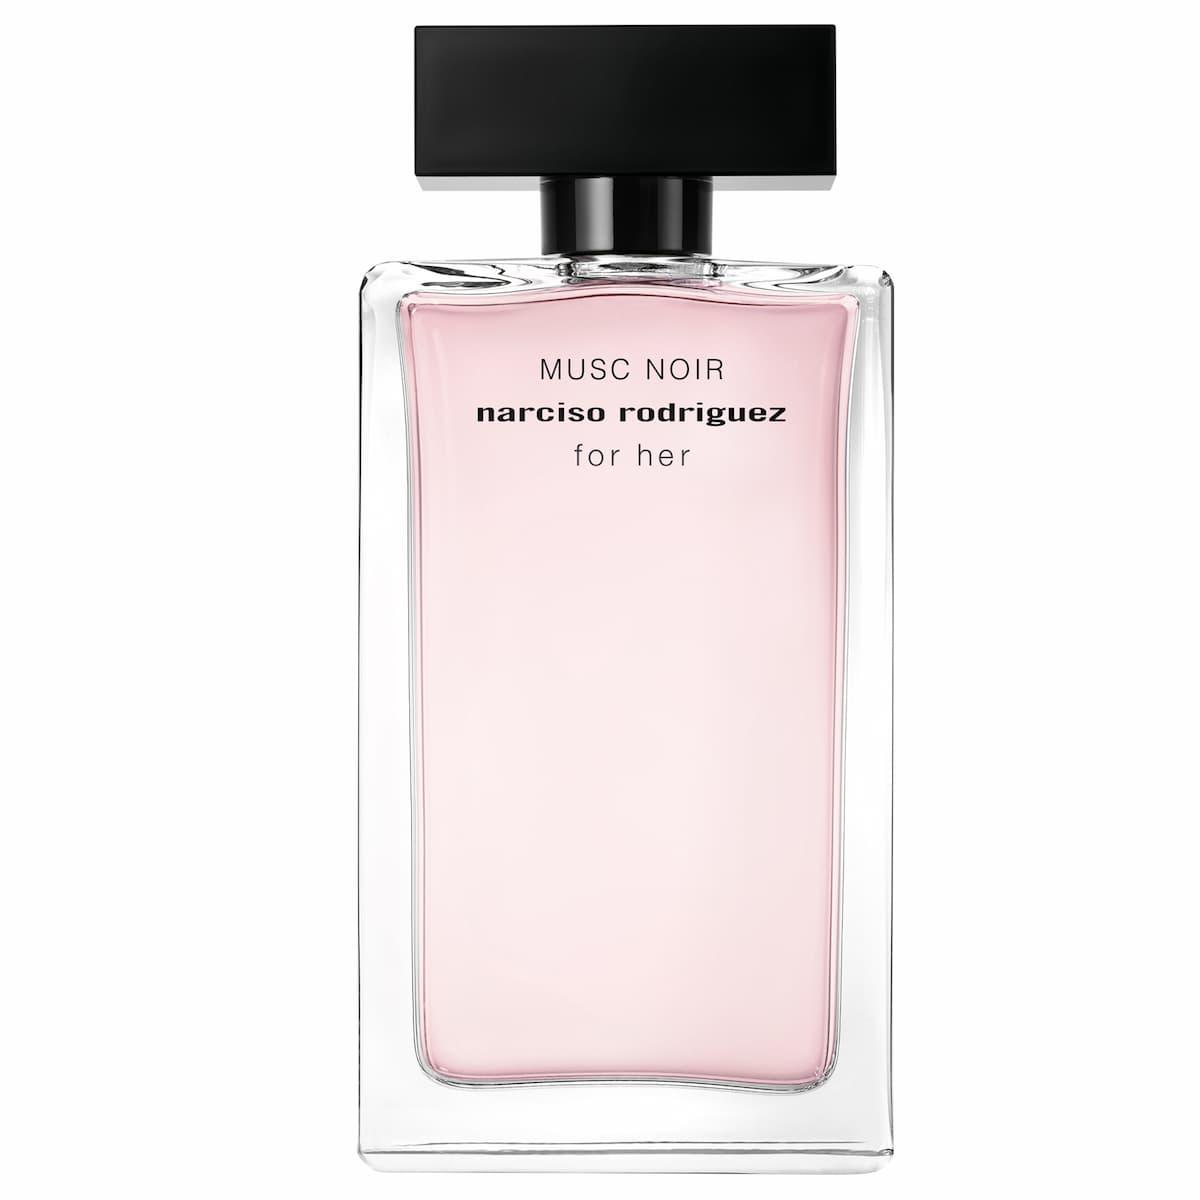 For Her Pure Musc Noir Eau de Parfum - NARCISO RODRIGUEZ